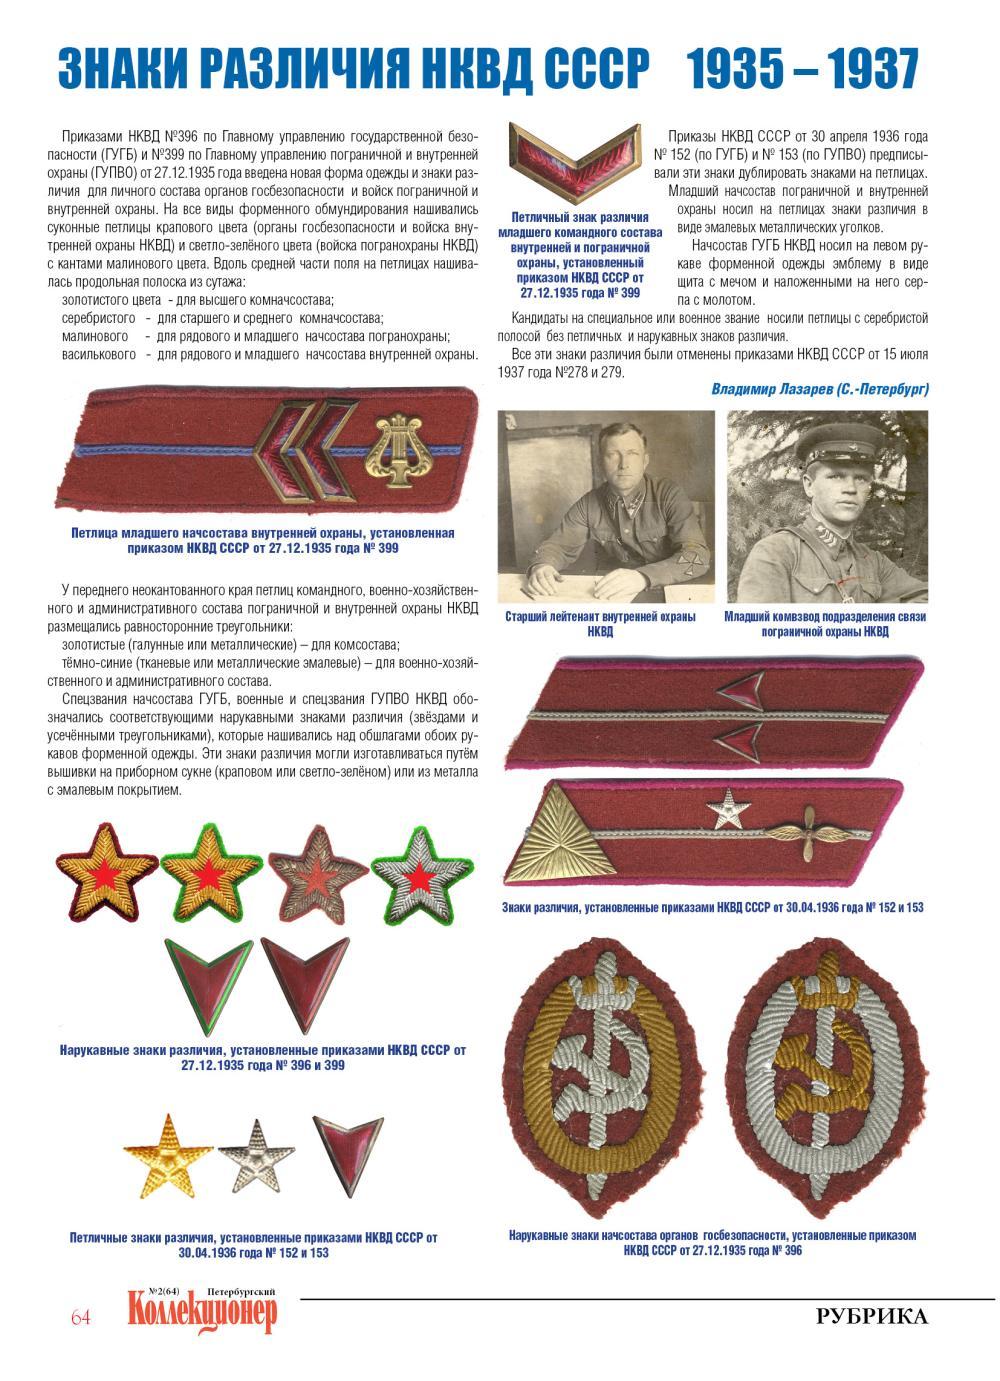 Петербургский коллекционер 2011 скачать 10 латвийских центов 1925 года цена